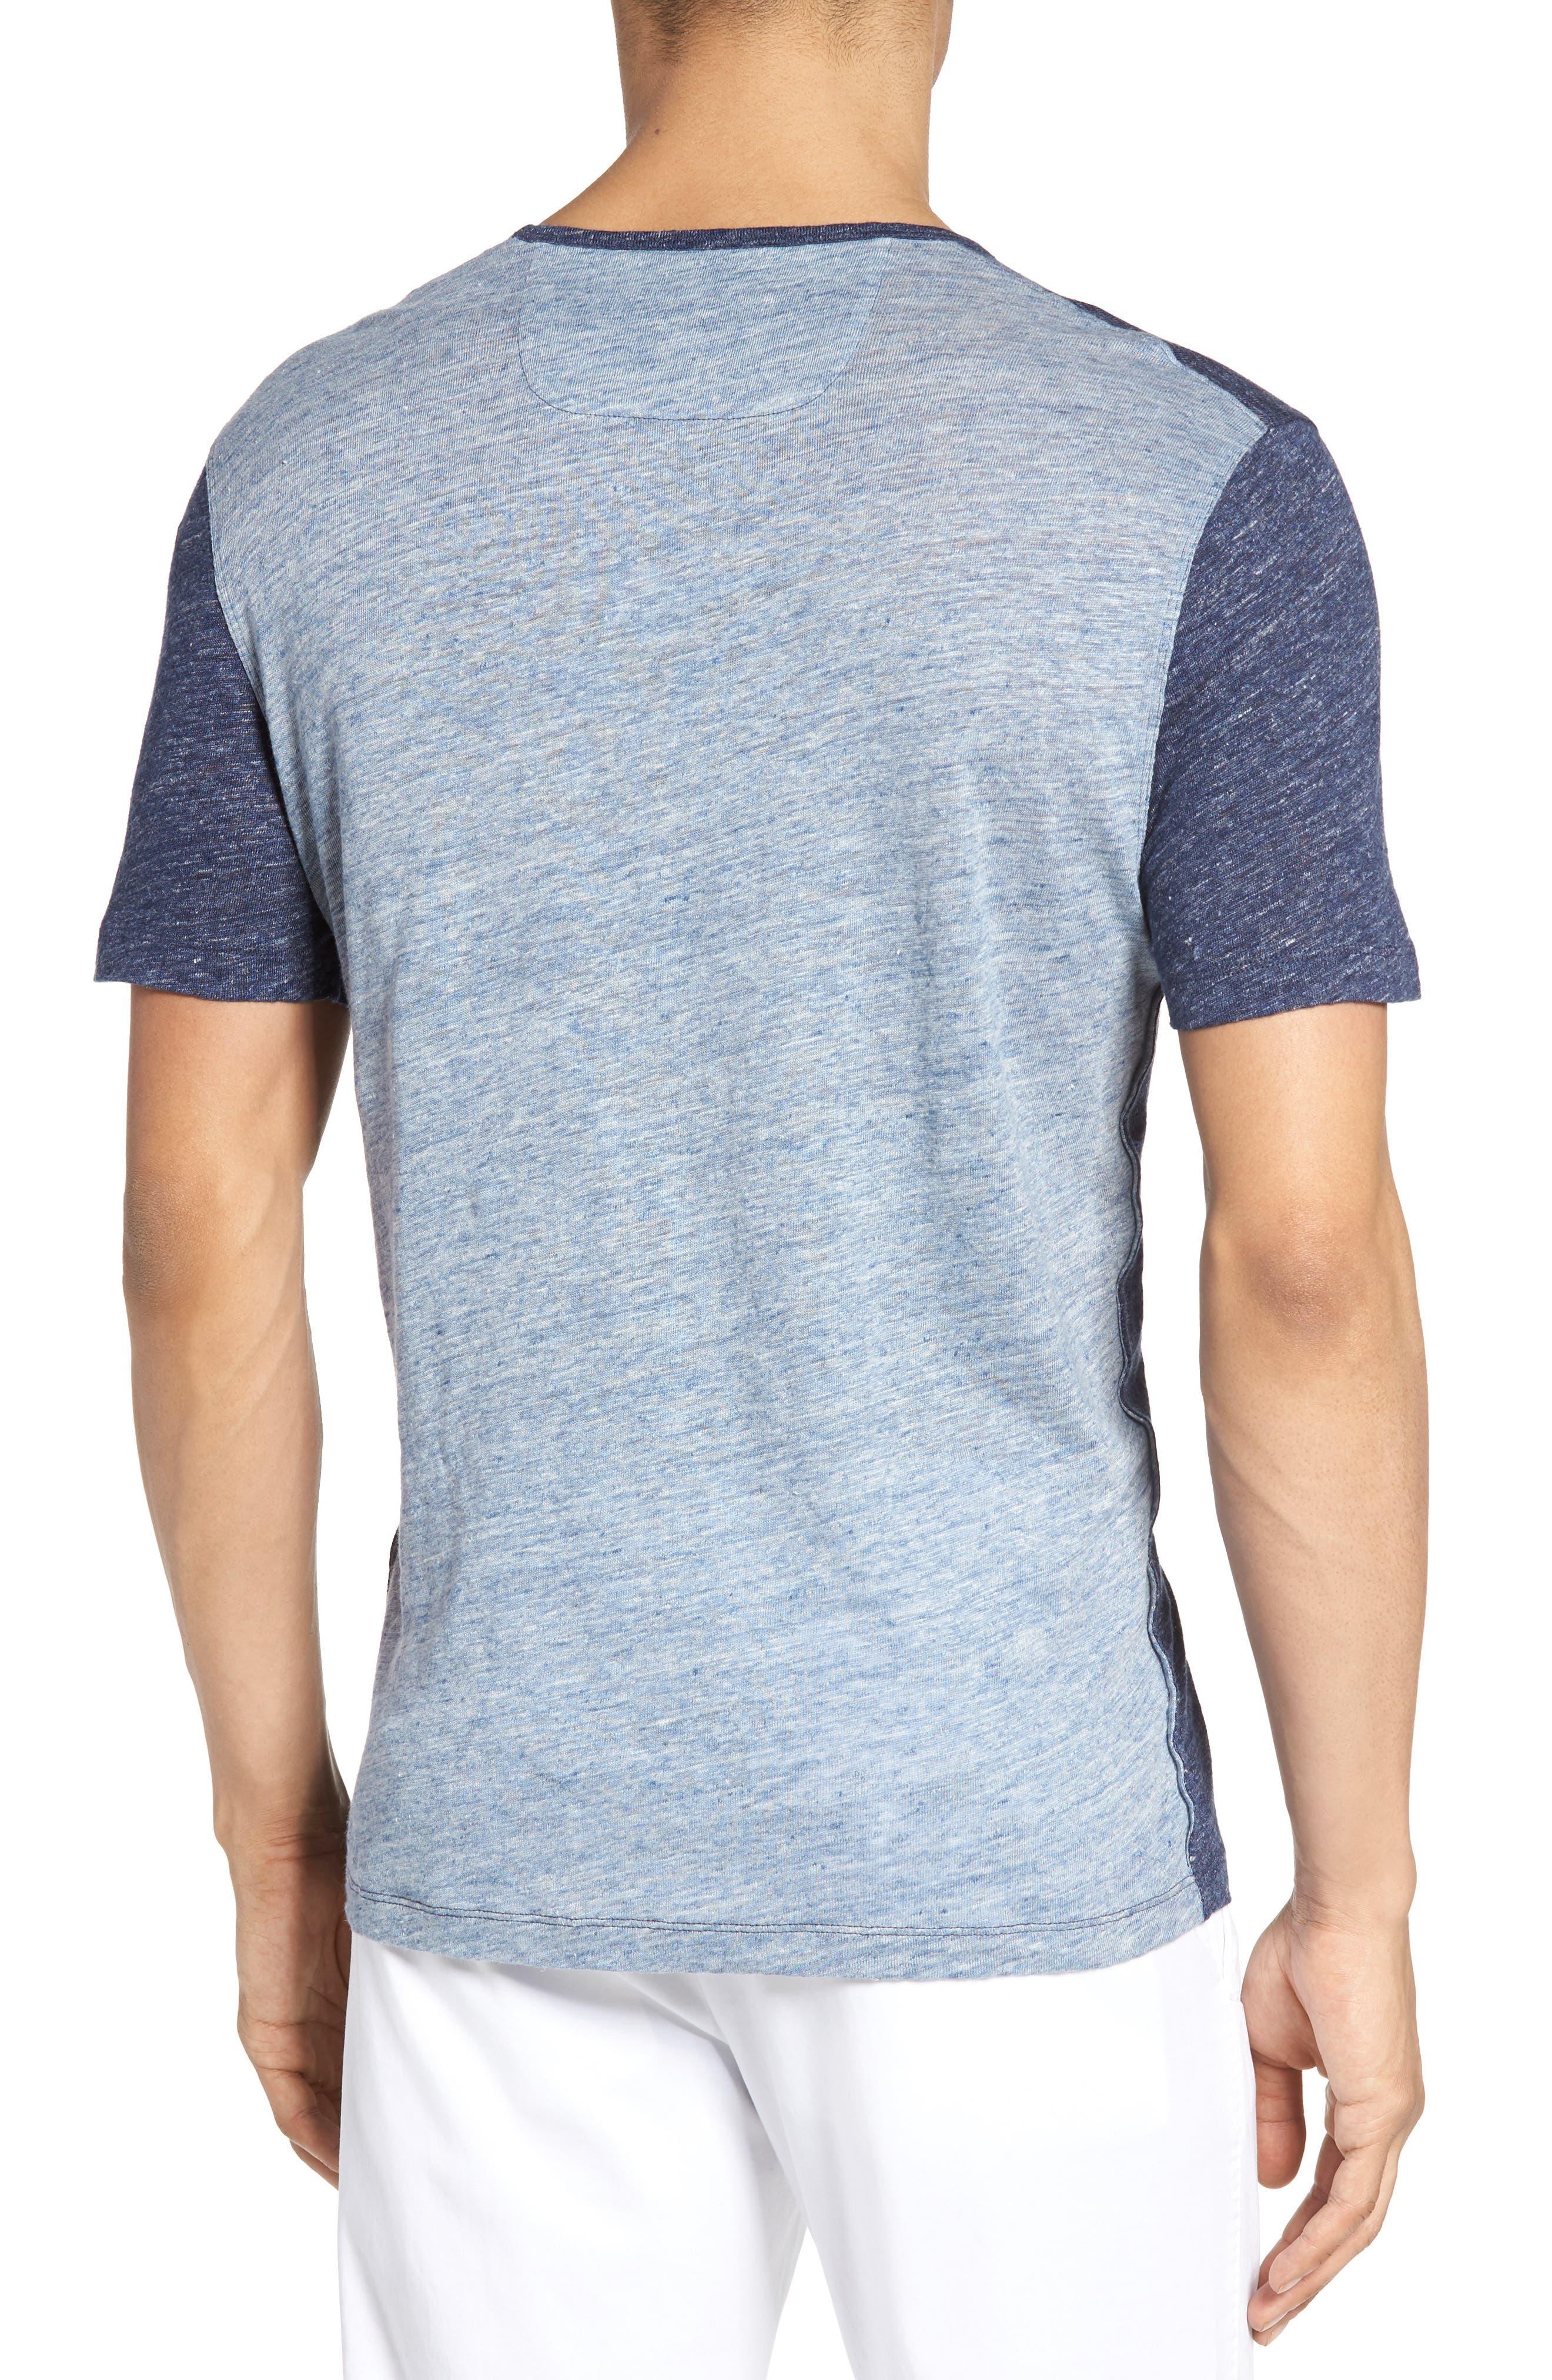 Monad Colorblock Linen T-Shirt,                             Alternate thumbnail 3, color,                             Blue Mountain